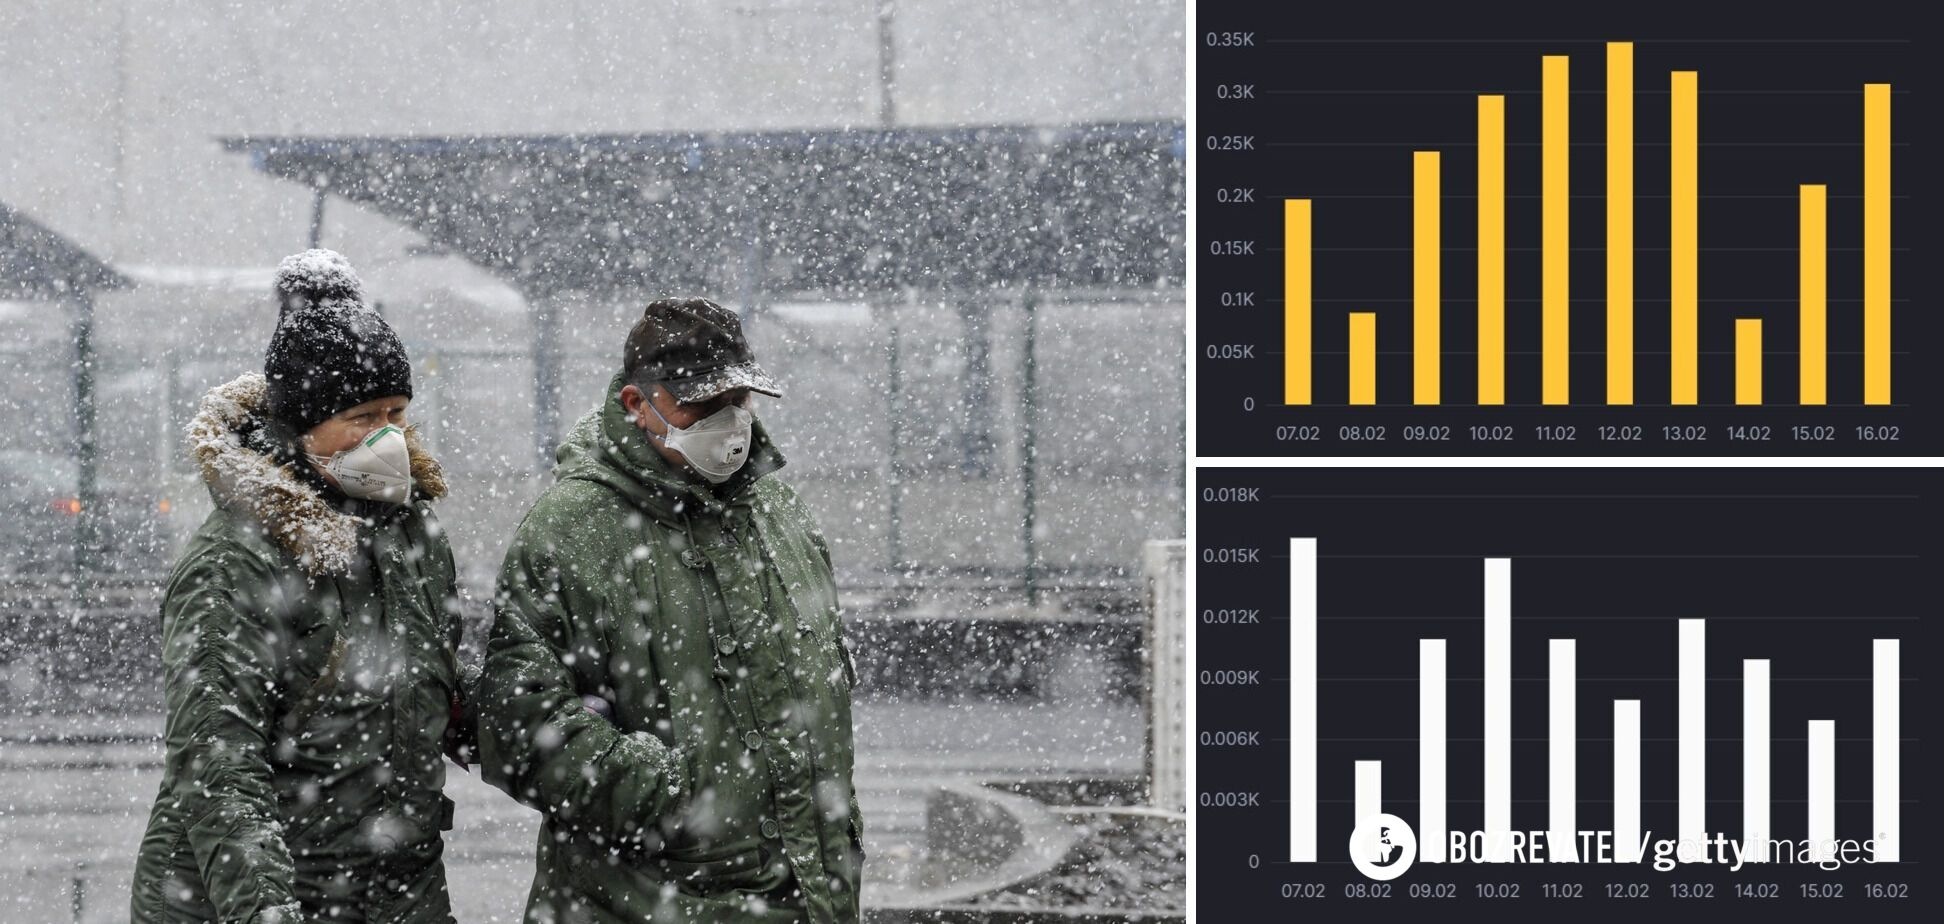 Прирост новых случаев коронавируса и смертей от него в Киеве за последние дни